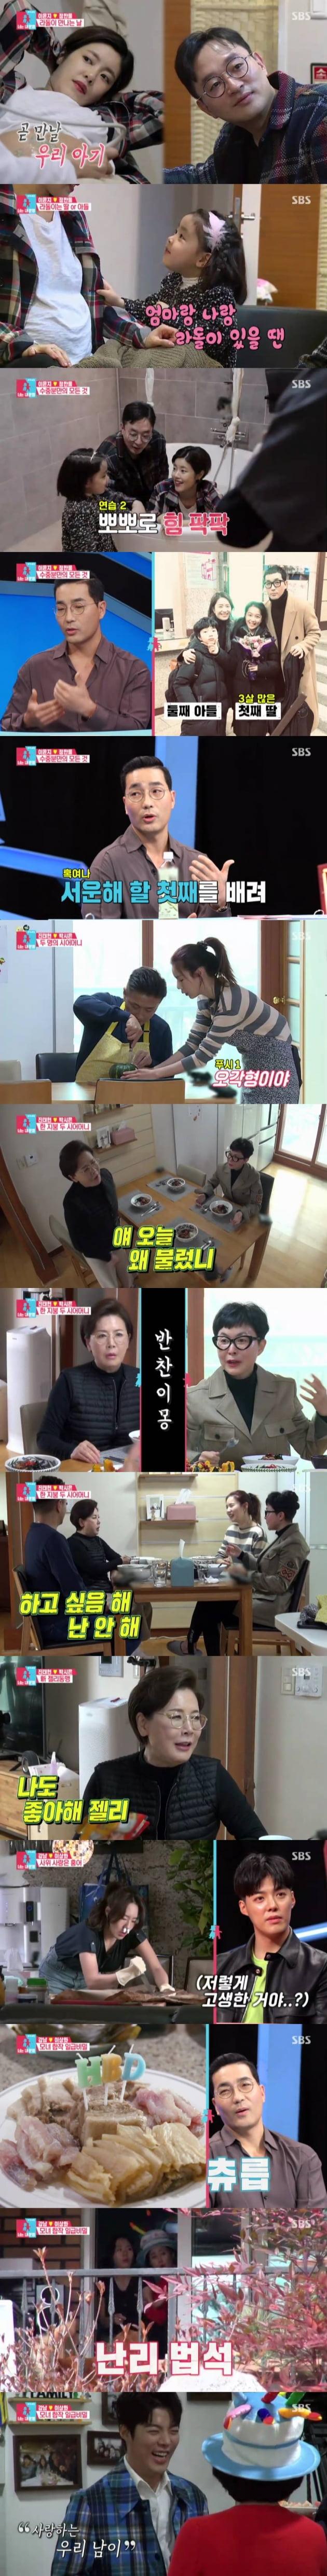 지난 23일 방송된 '동상이몽2'/ 사진제공=SBS